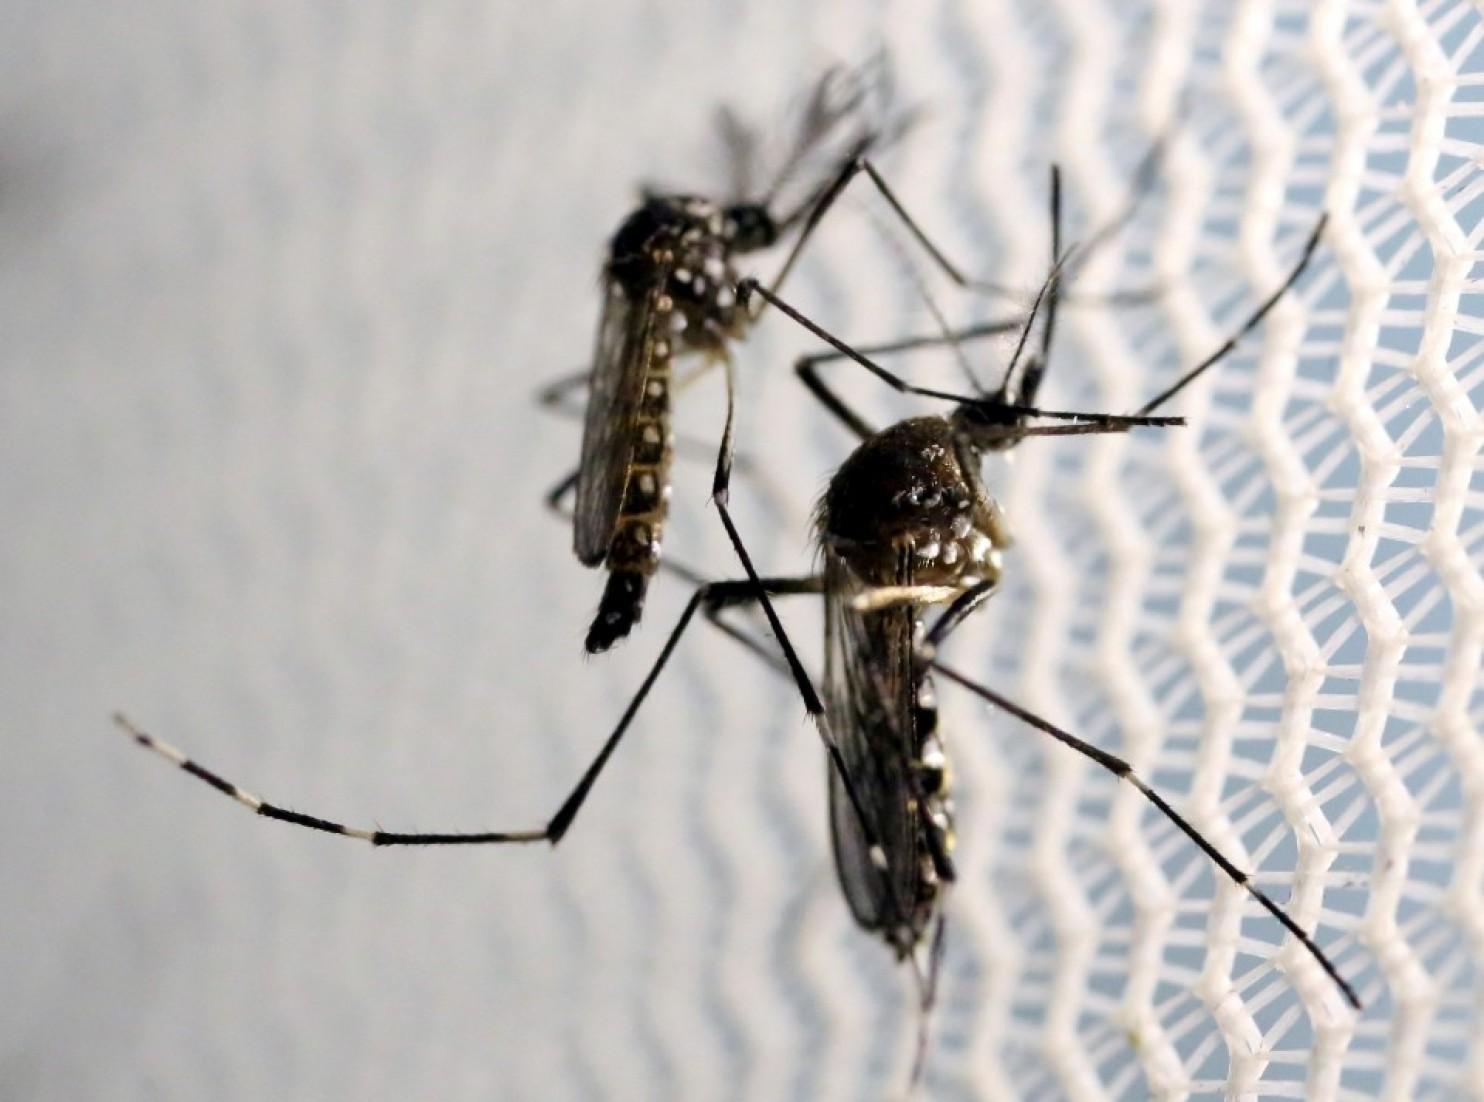 zika virus news and updates mosquito squad